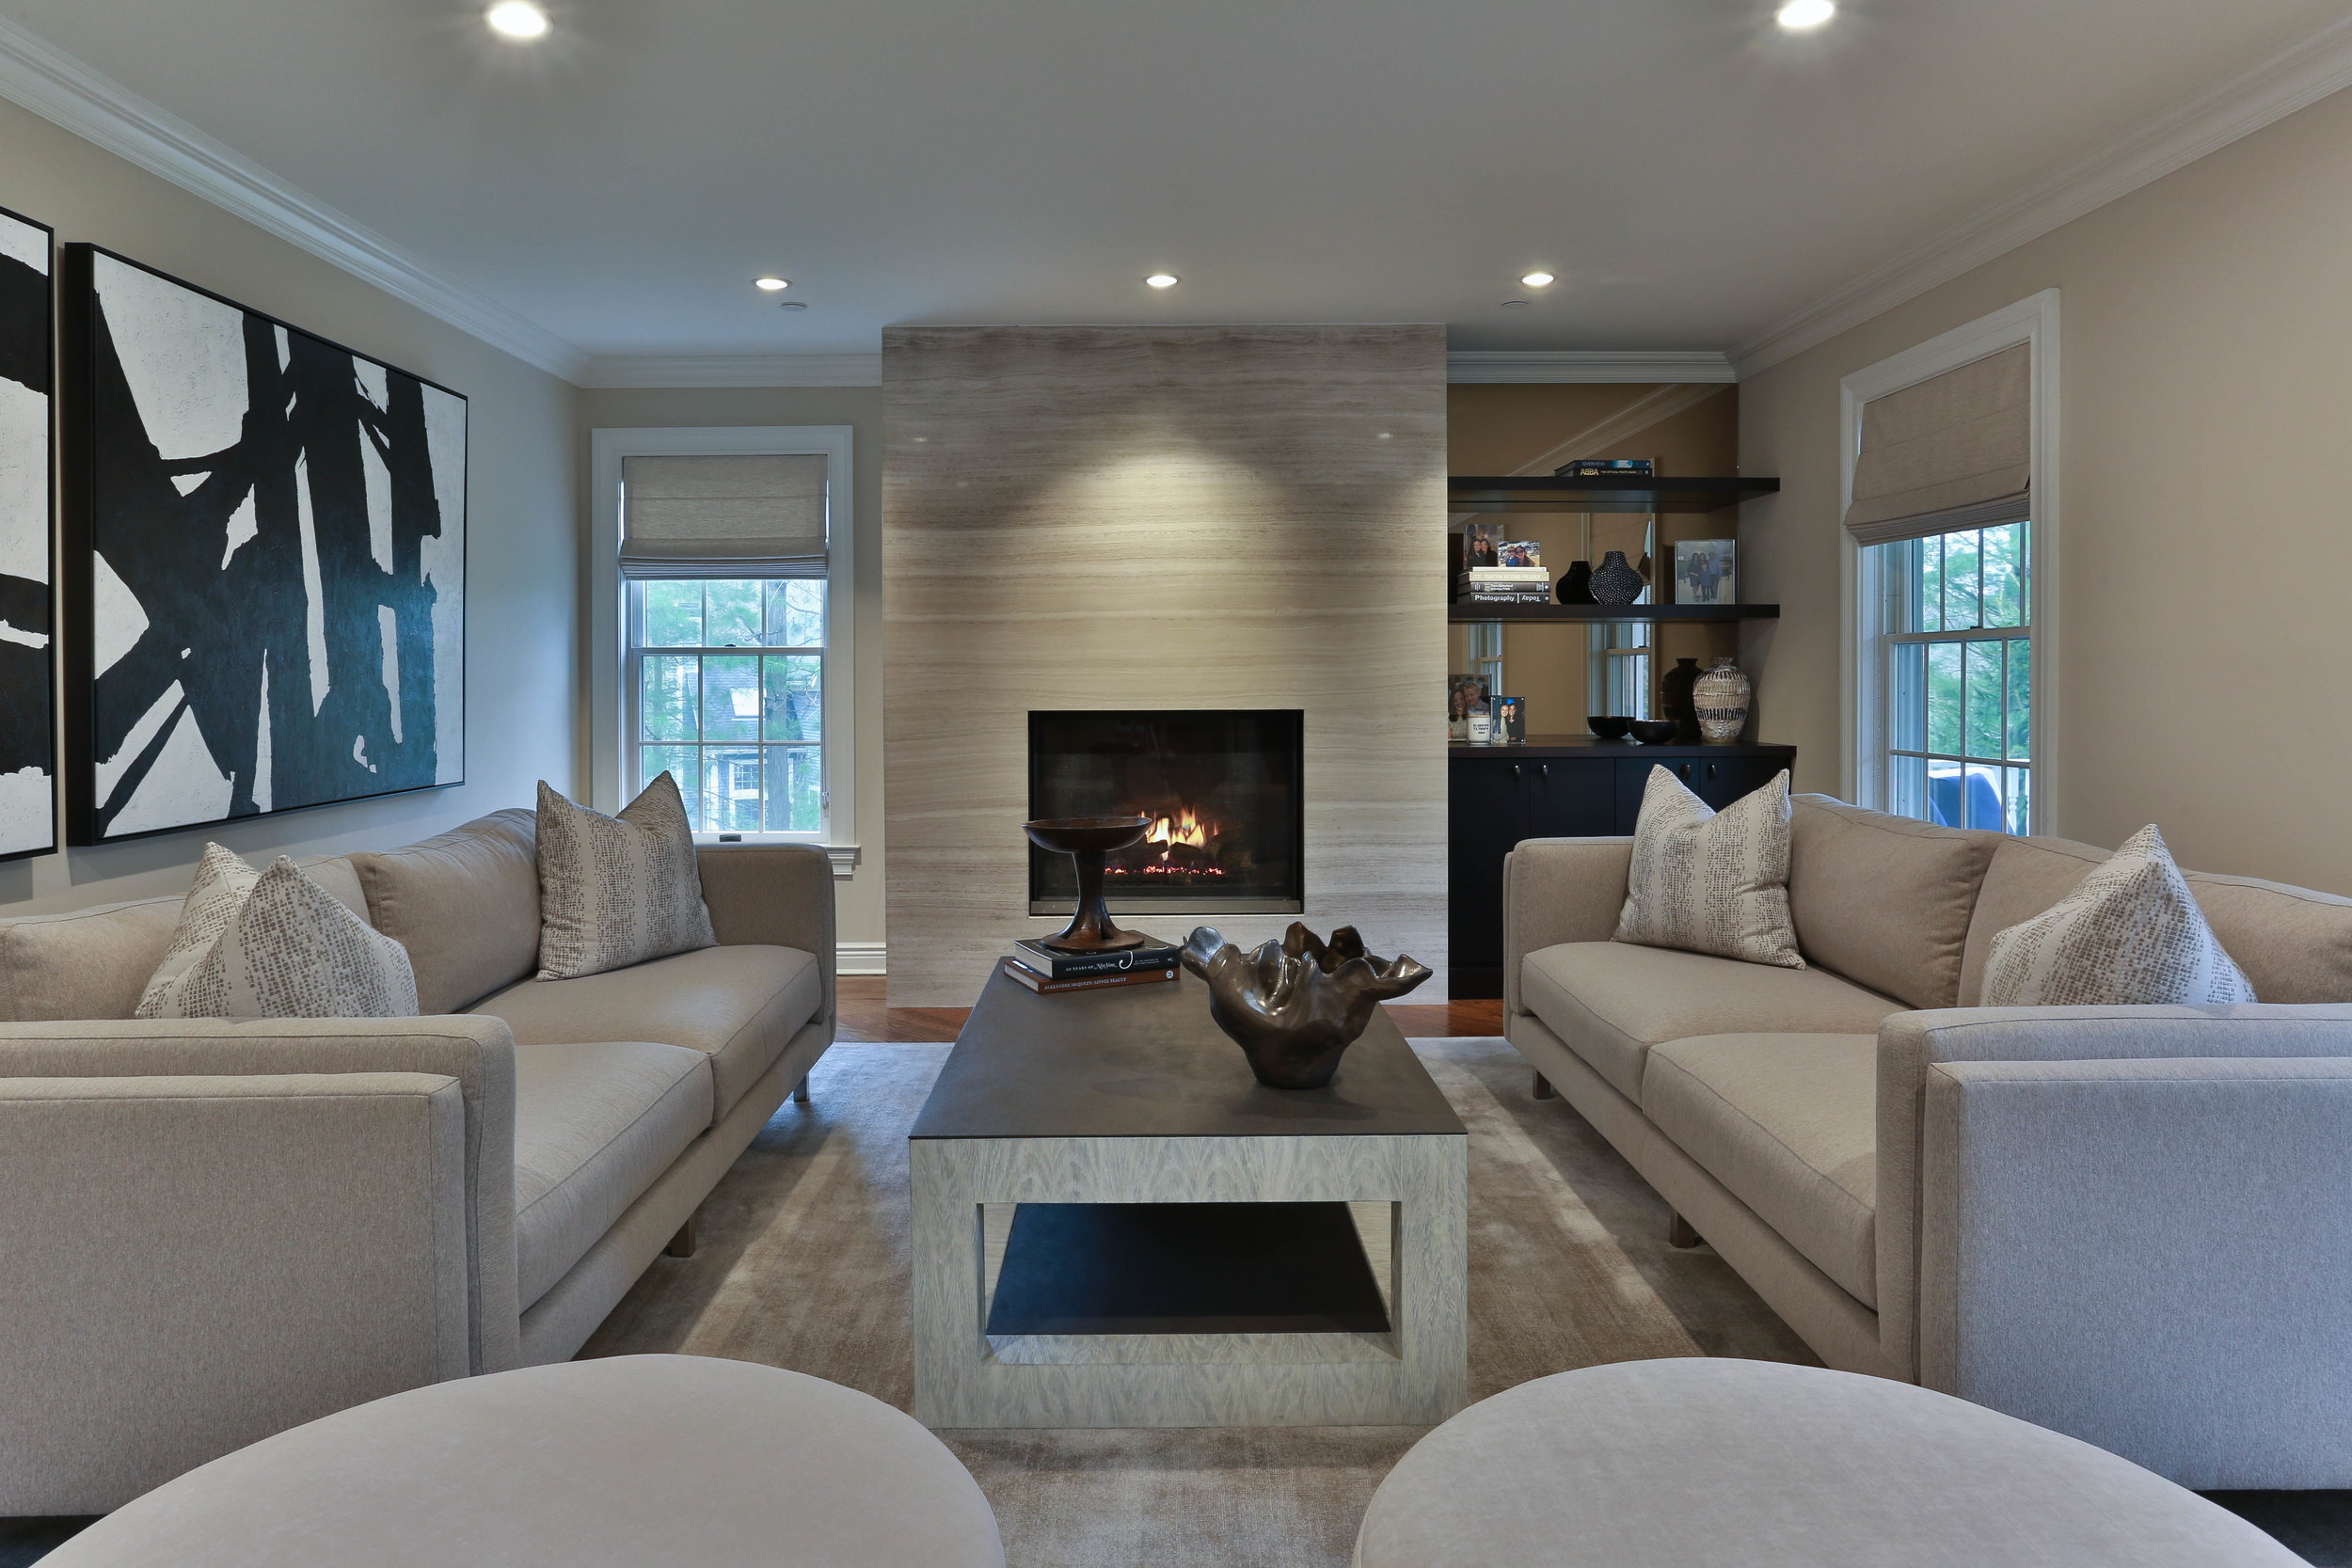 2-Living Room (14 of 27).jpg